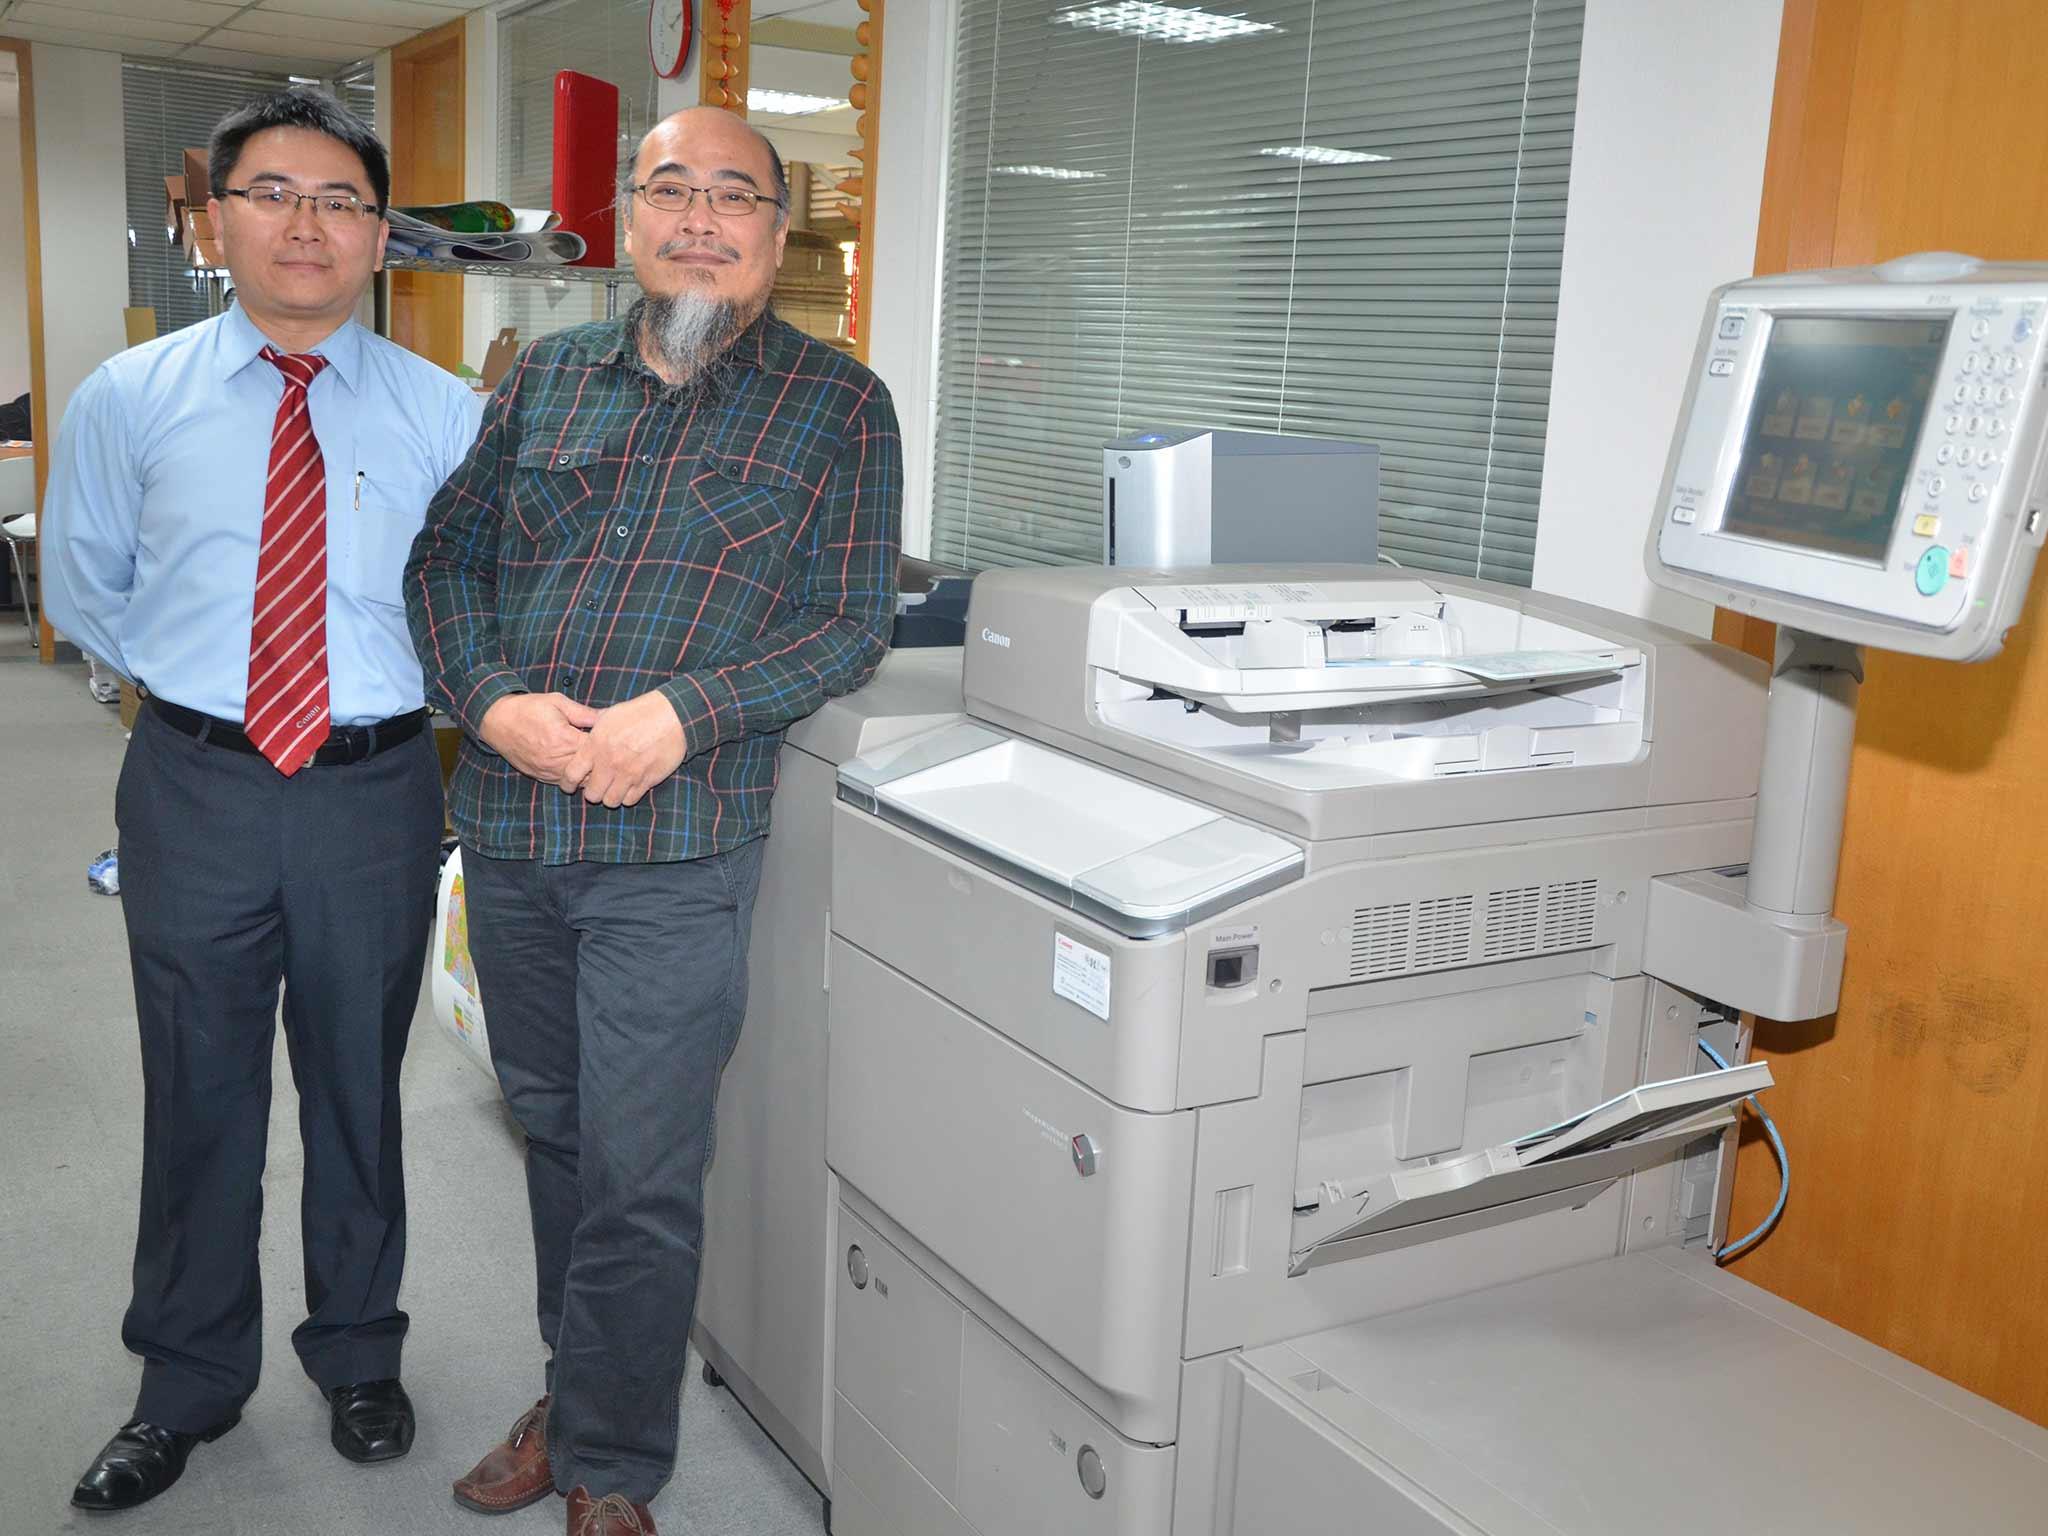 飛行吐司客製變動資料流程 運用 Canon imageRUNNER ADVANCE 8105 數位印刷機成功案例